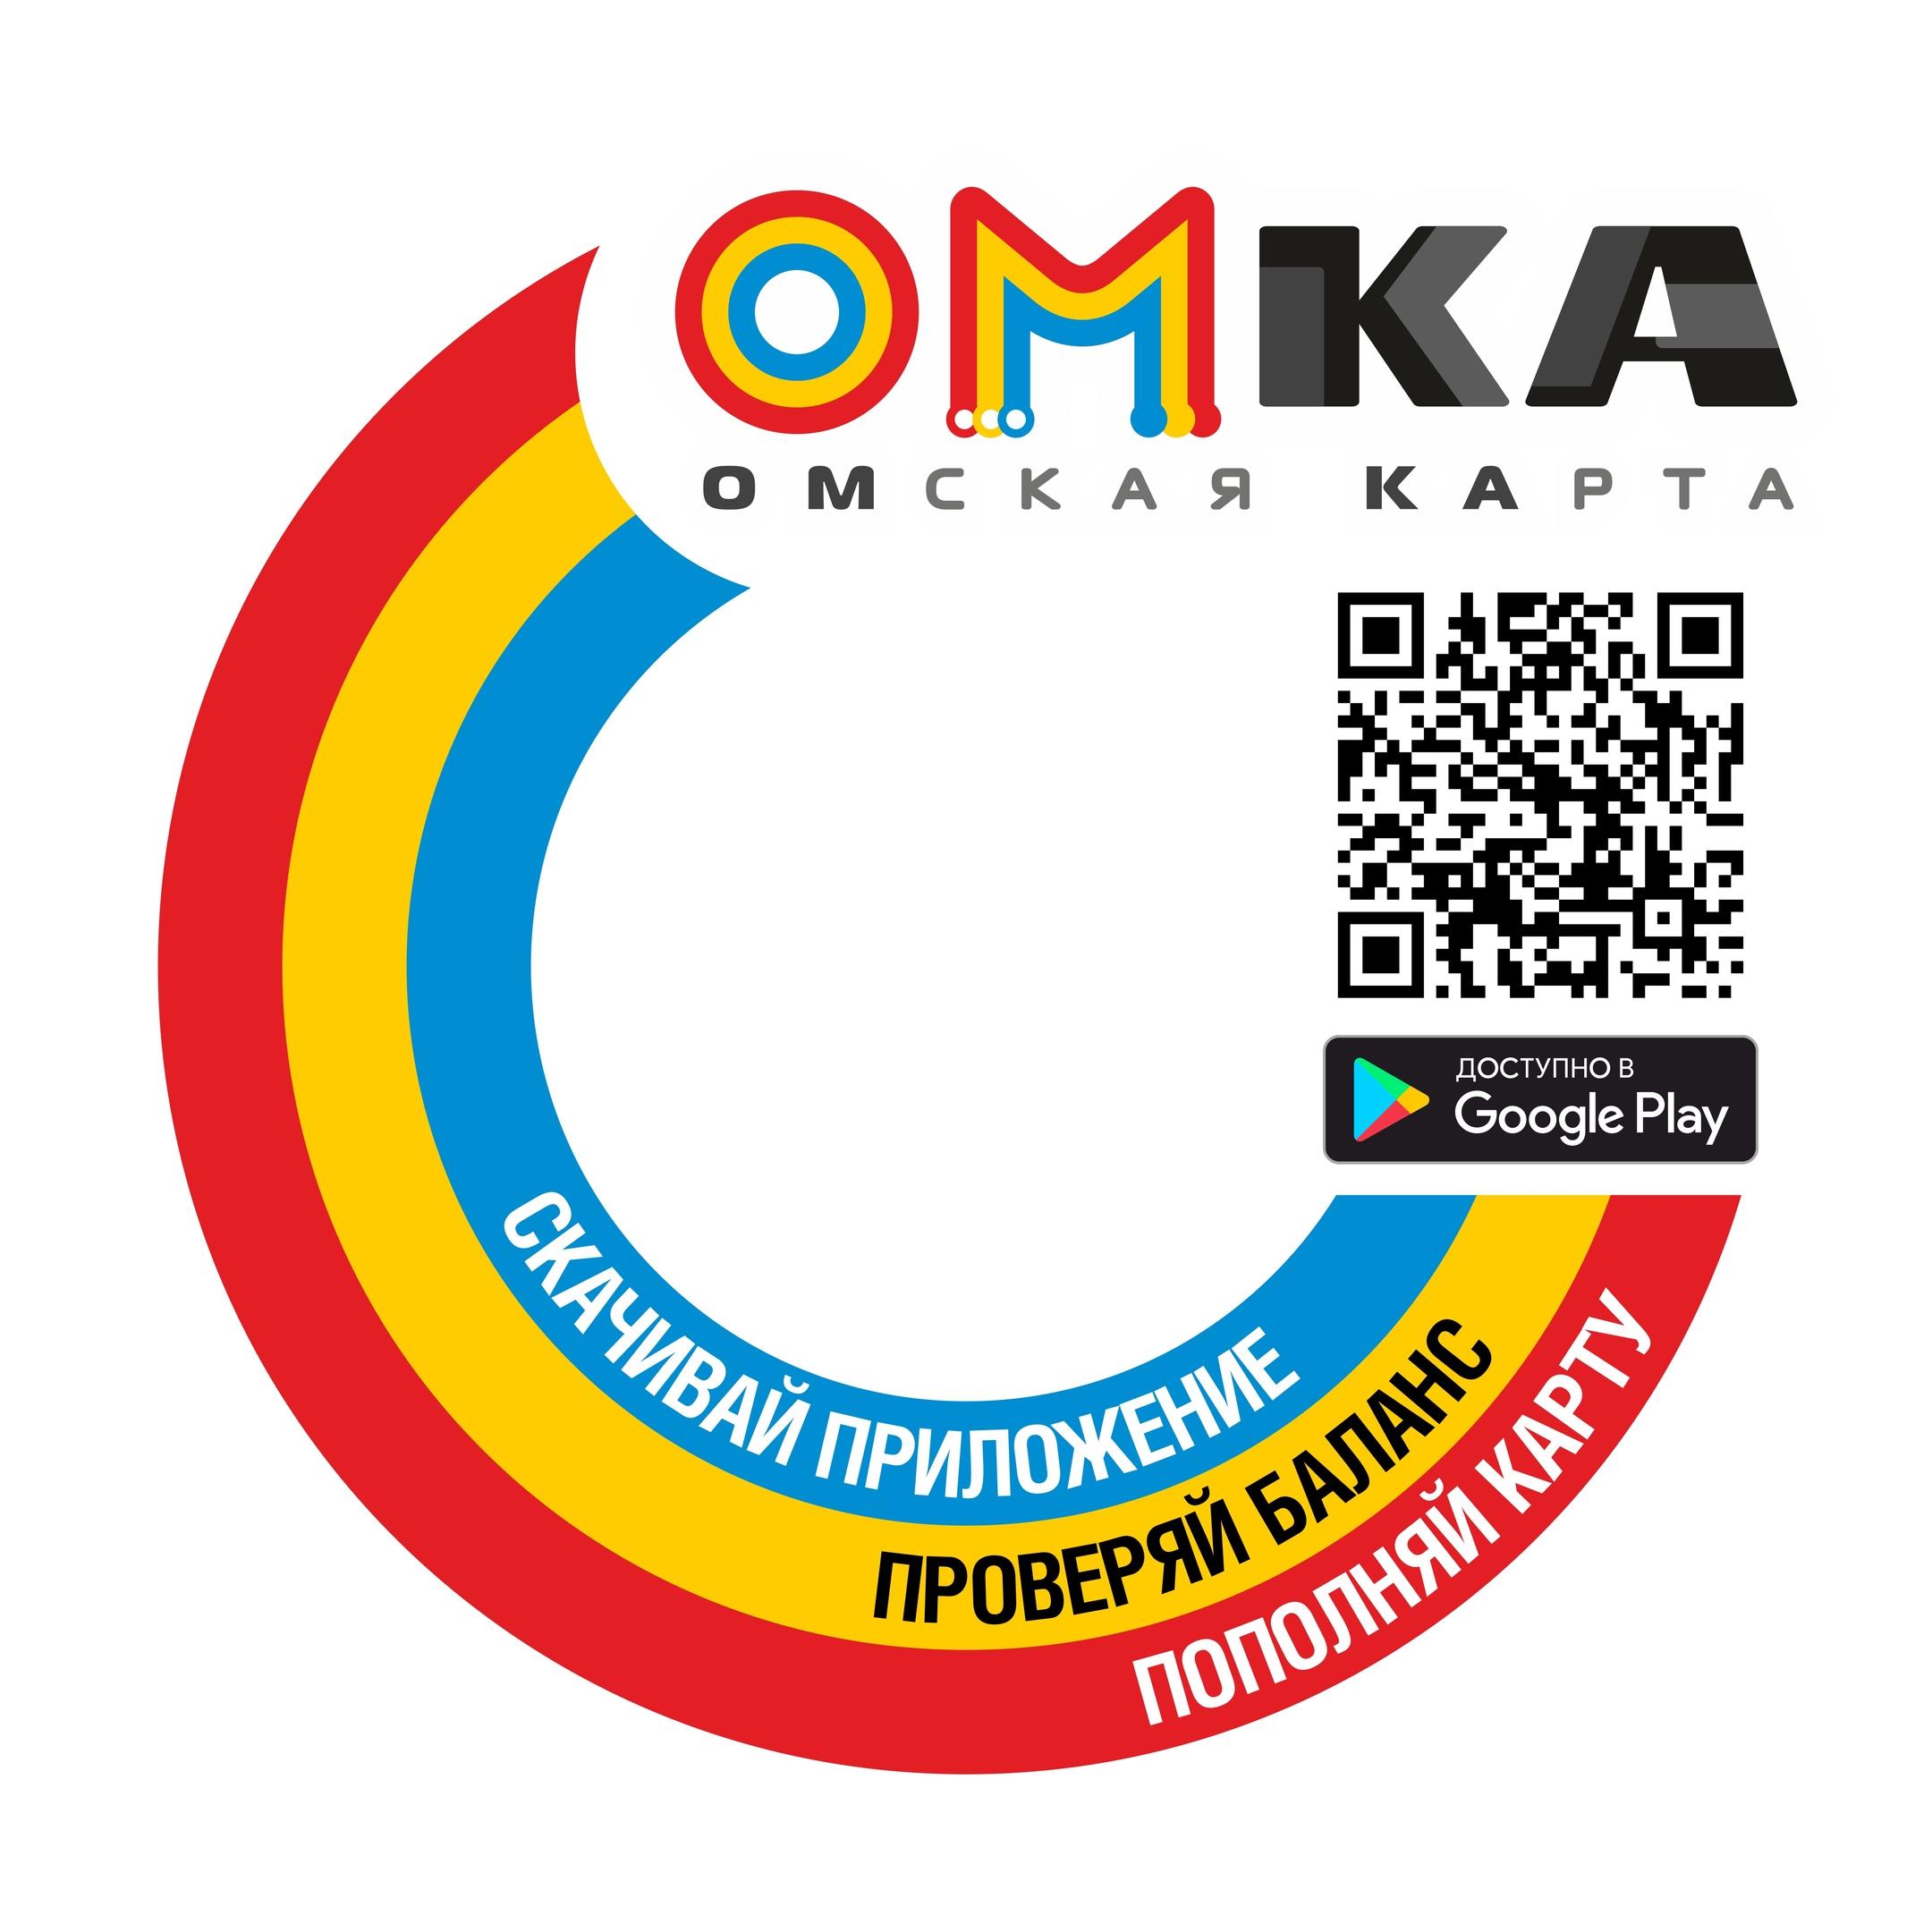 Через мобильное приложение «Омка» на транспортные карты «упал» миллион рублей #Новости #Общество #Омск